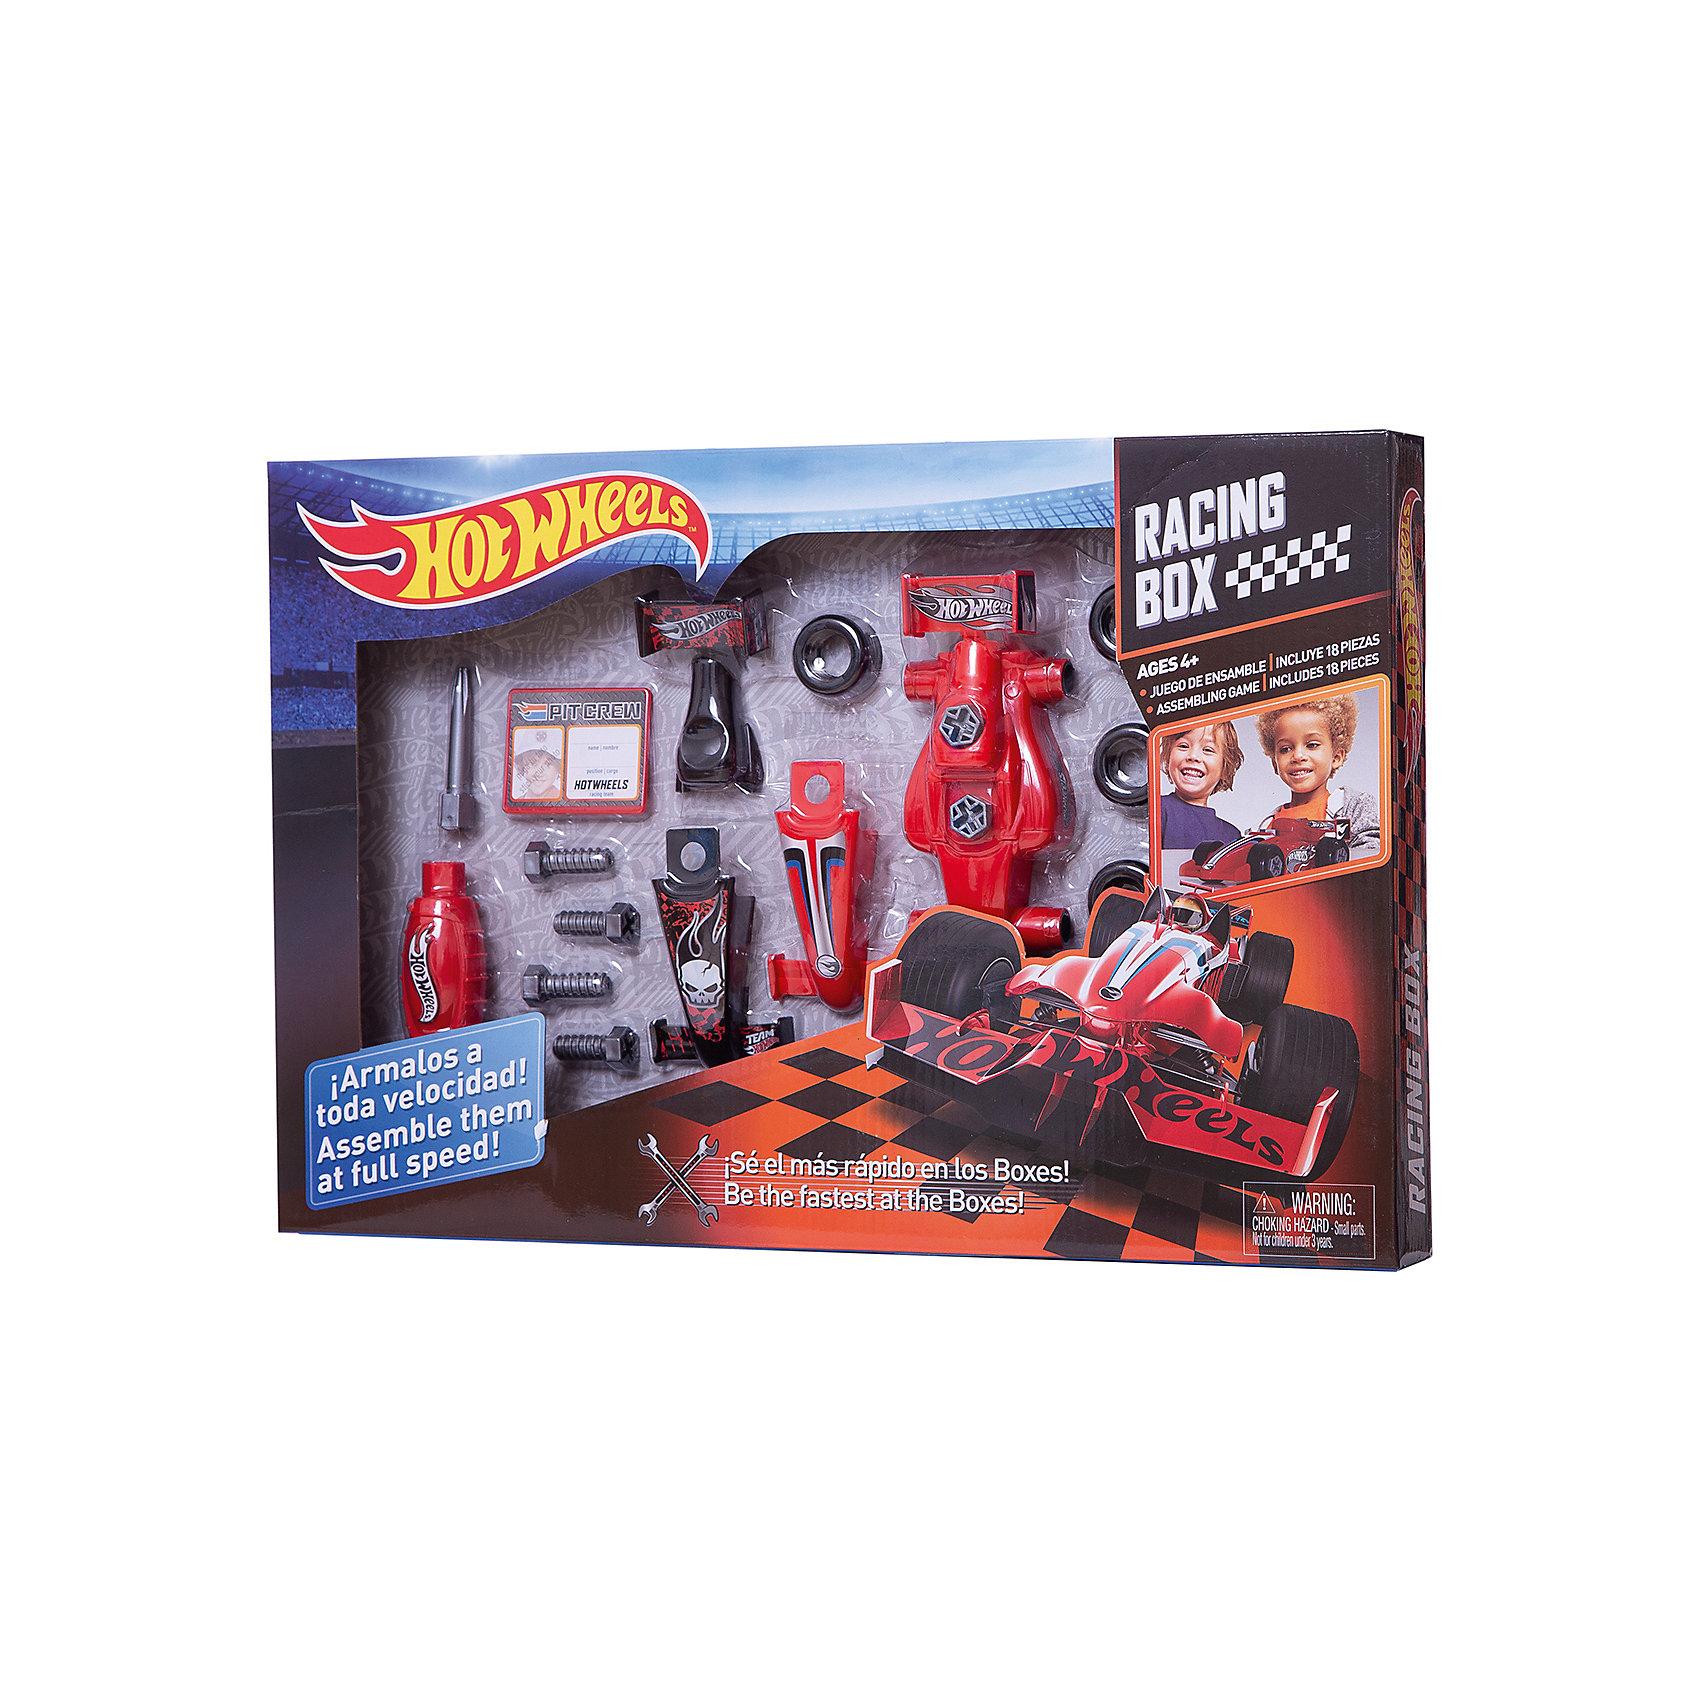 Игровой набор юного механика, большой, Hot WheelsМастерская и инструменты<br>Игровой набор юного механика, большой, Hot Wheels (Хот Вилс).<br><br>Характеристика:<br><br>• Материал: пластик. <br>• Размер упаковки: 50х5х33 см.<br>• Комплектация: болты - 6 шт; шины - 4 шт, корпус - 5 деталей, отвертка, бейдж.<br>• Отличная детализация. <br>• Яркий привлекательный дизайн. <br><br>С этим оригинальным игровым набором, выполненным в стилистике Hot Wheels, любой мальчик почувствует себя настоящим автомехаником и сможет собрать гоночный автомобиль! Все детали отлично проработаны, легко и быстро соединяются между собой. Игрушки изготовлены из экологичного пластика, в производстве которого использованы только безопасные нетоксичные красители. <br><br>Игровой набор юного механика, большой, Hot Wheels (Хот Вилс) можно купить в нашем интернет-магазине.<br><br>Ширина мм: 510<br>Глубина мм: 340<br>Высота мм: 500<br>Вес г: 633<br>Возраст от месяцев: 36<br>Возраст до месяцев: 2147483647<br>Пол: Мужской<br>Возраст: Детский<br>SKU: 5238938